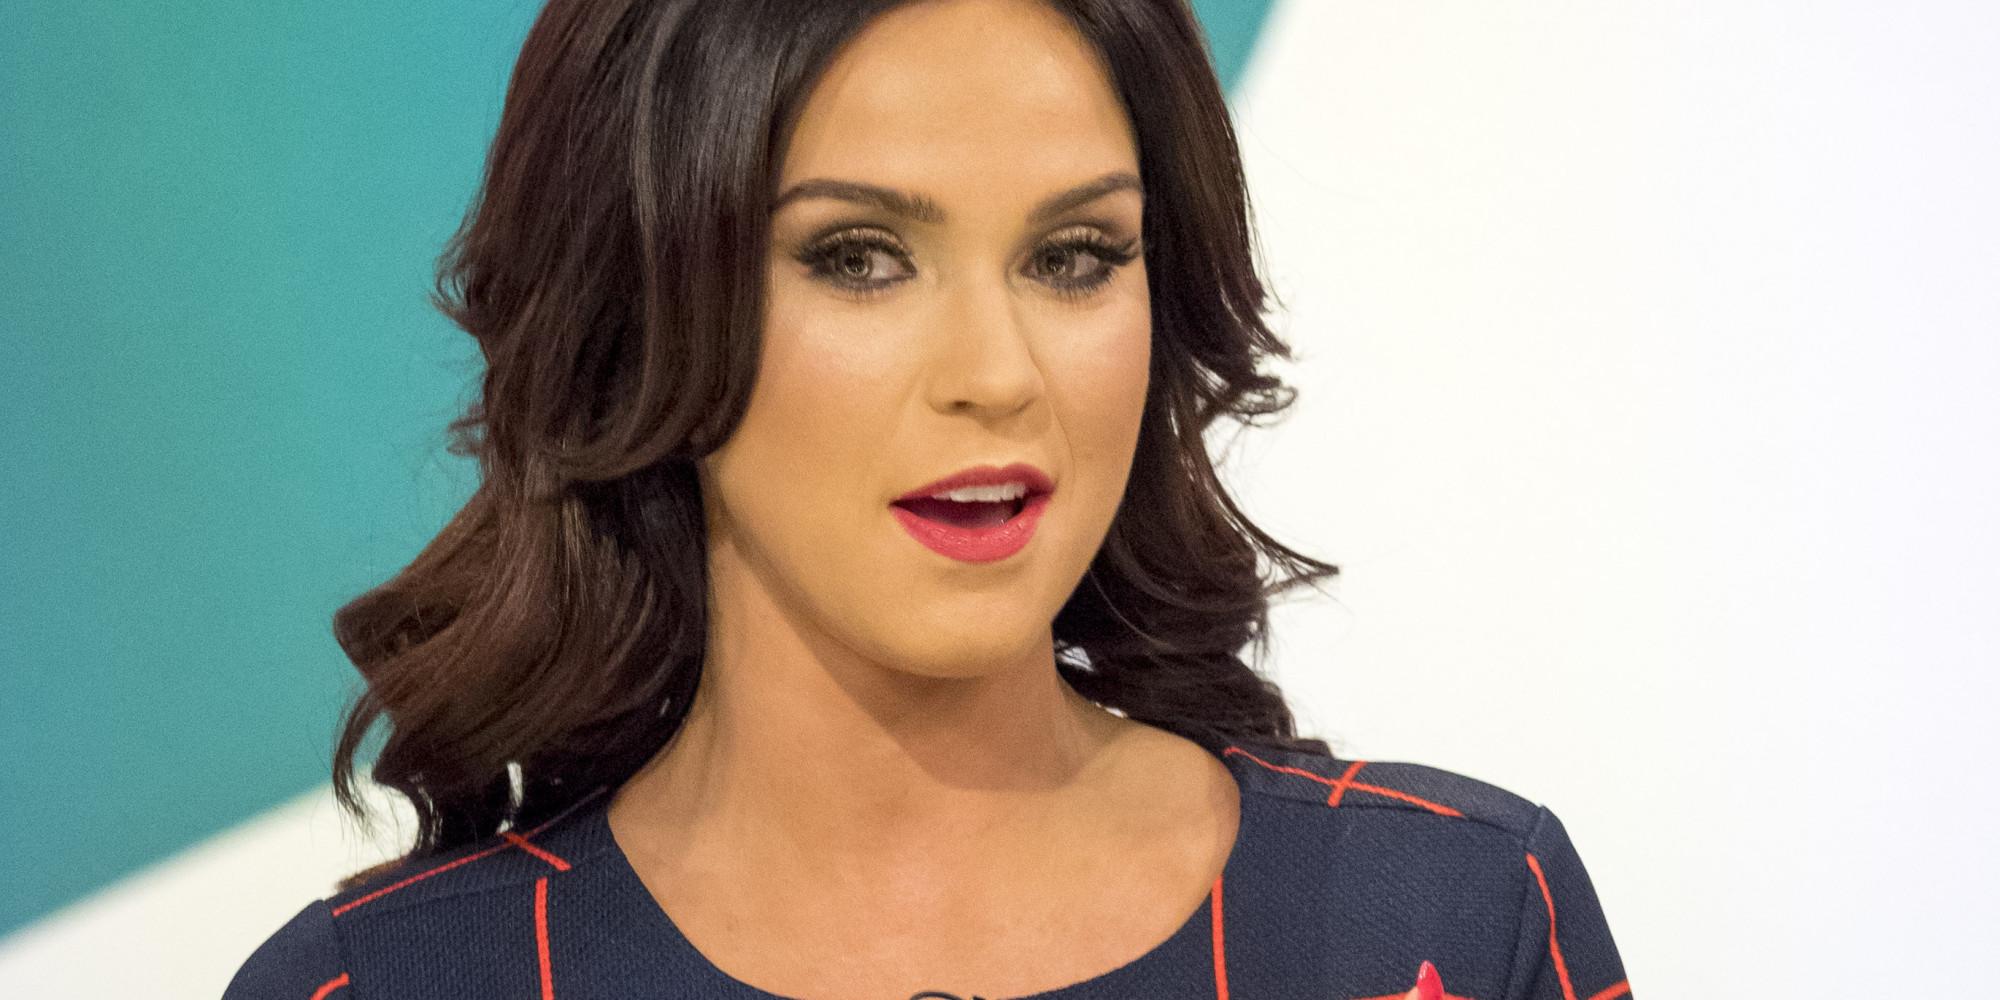 Vicky Pattison: 'I'm A Celebrity': Vicky Pattison Blasts Lady C's